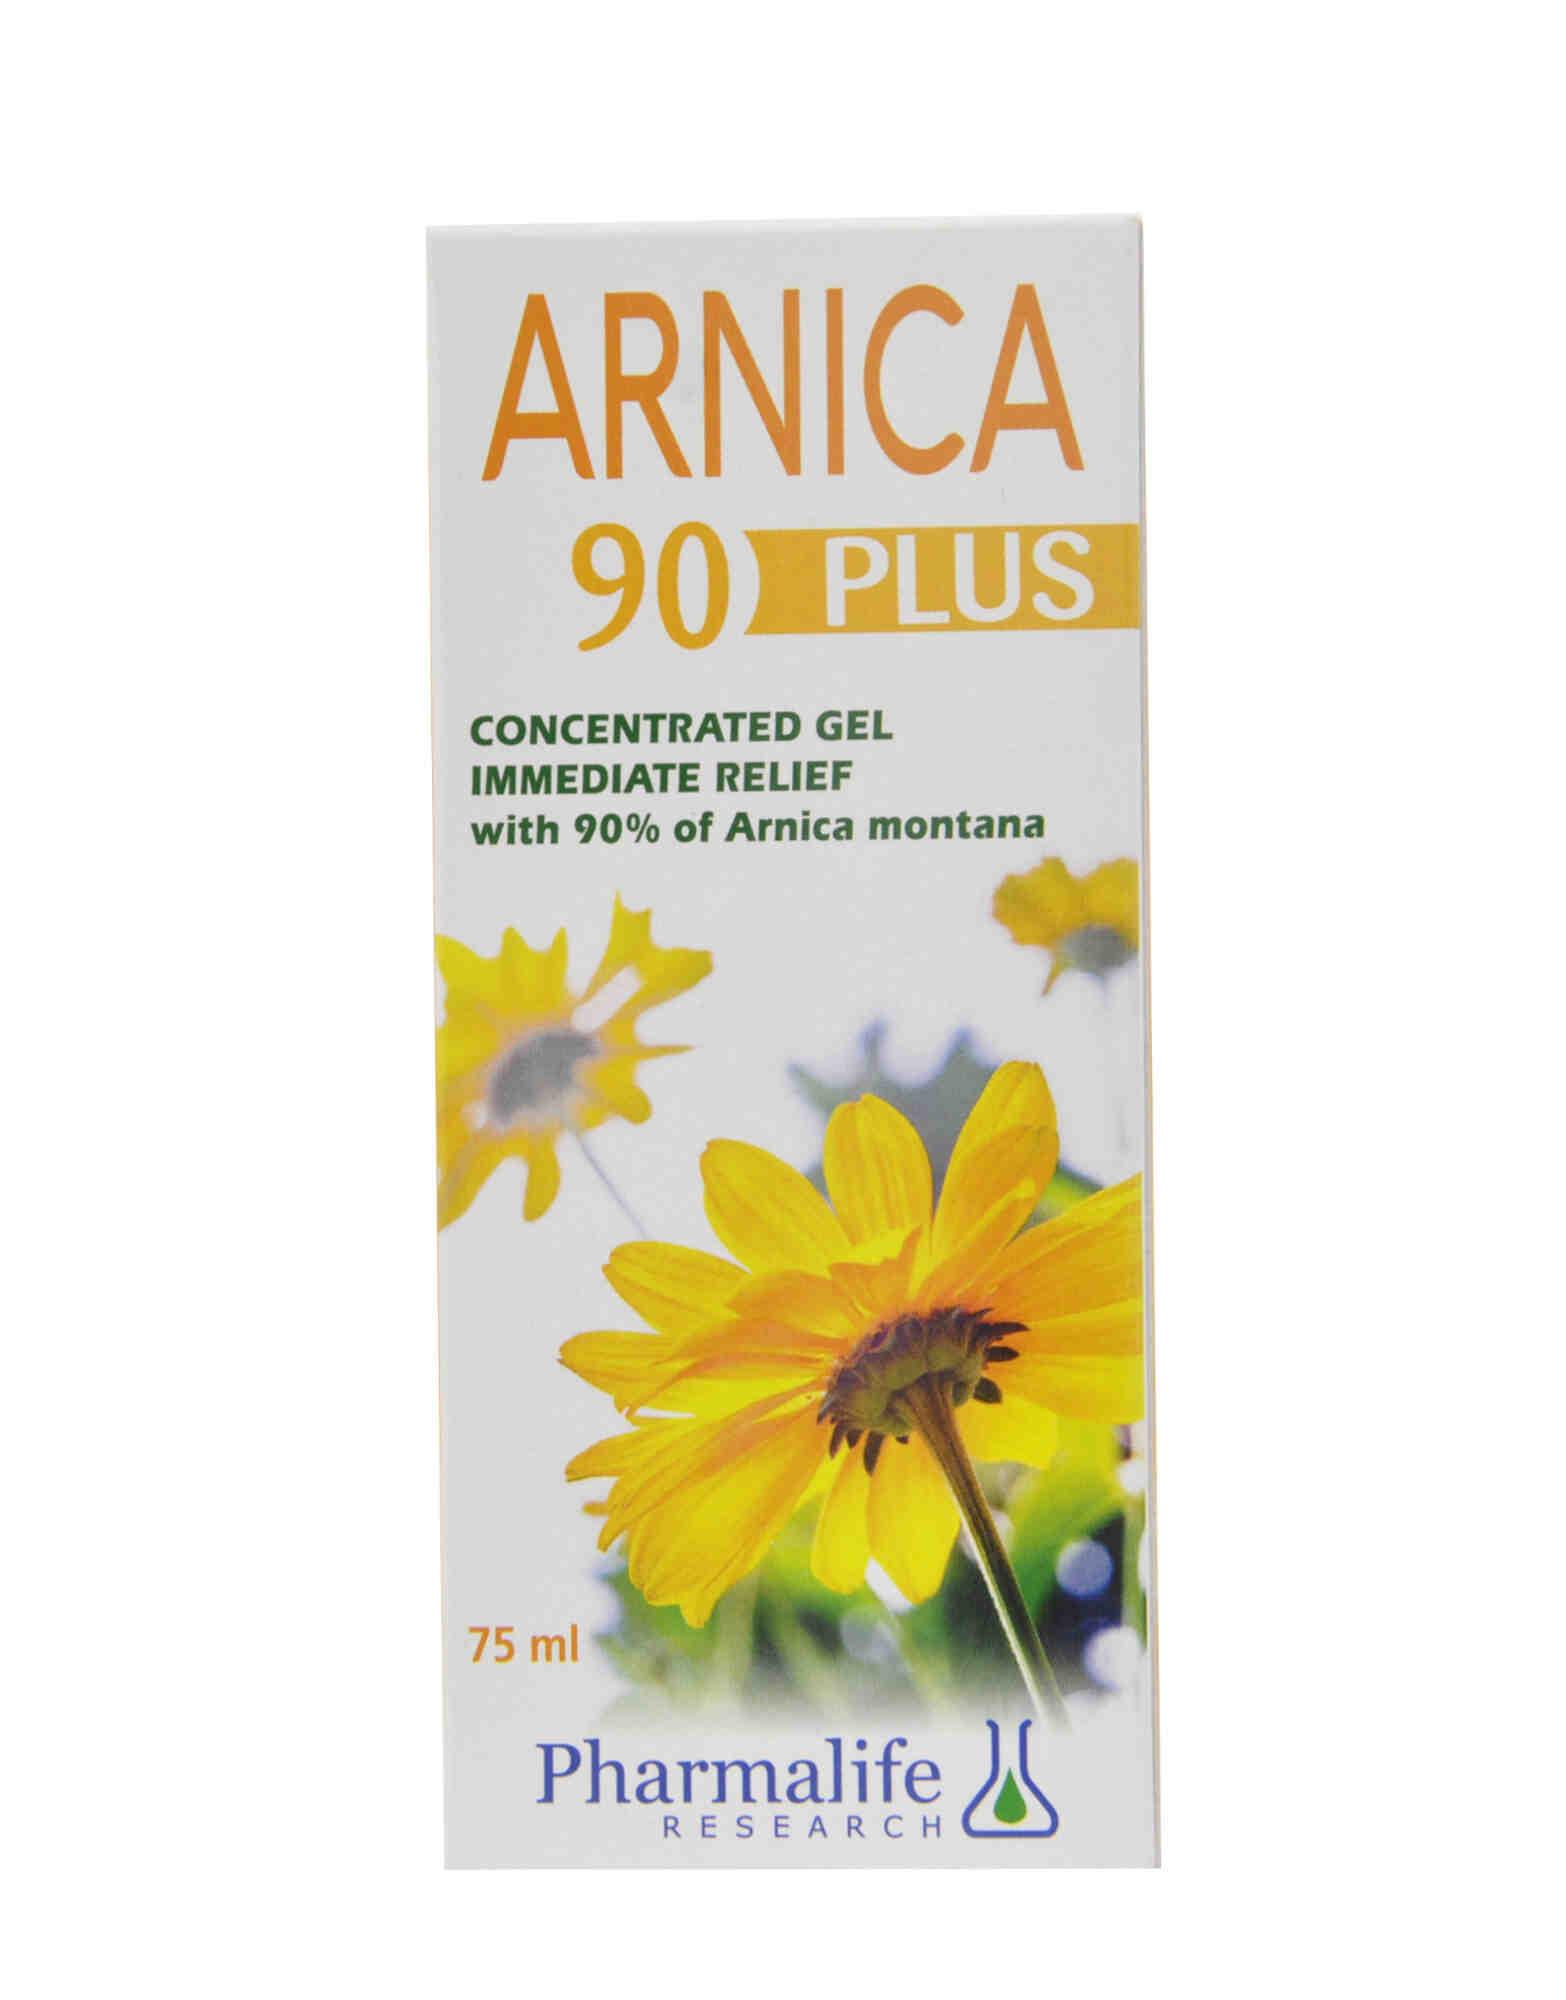 L'arnica est-elle anti-inflammatoire?